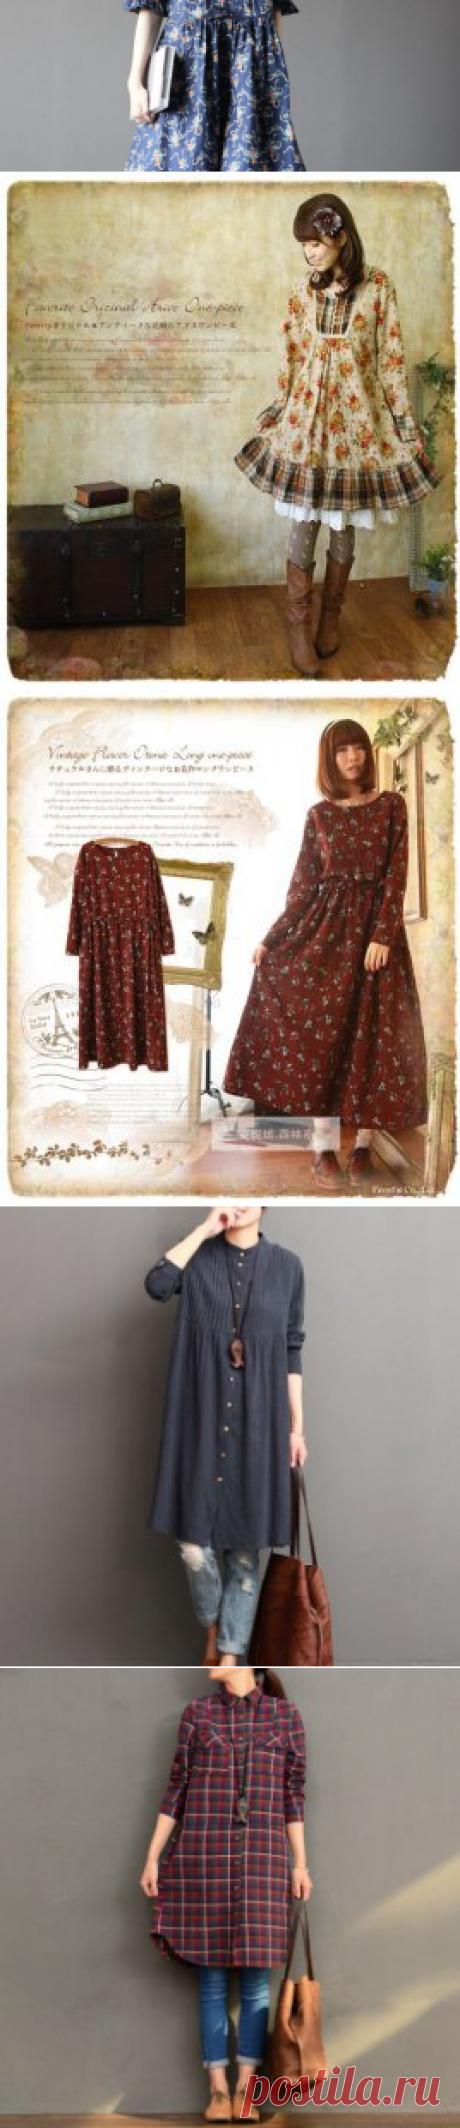 Выкройки платьев в стиле бохо (фото)